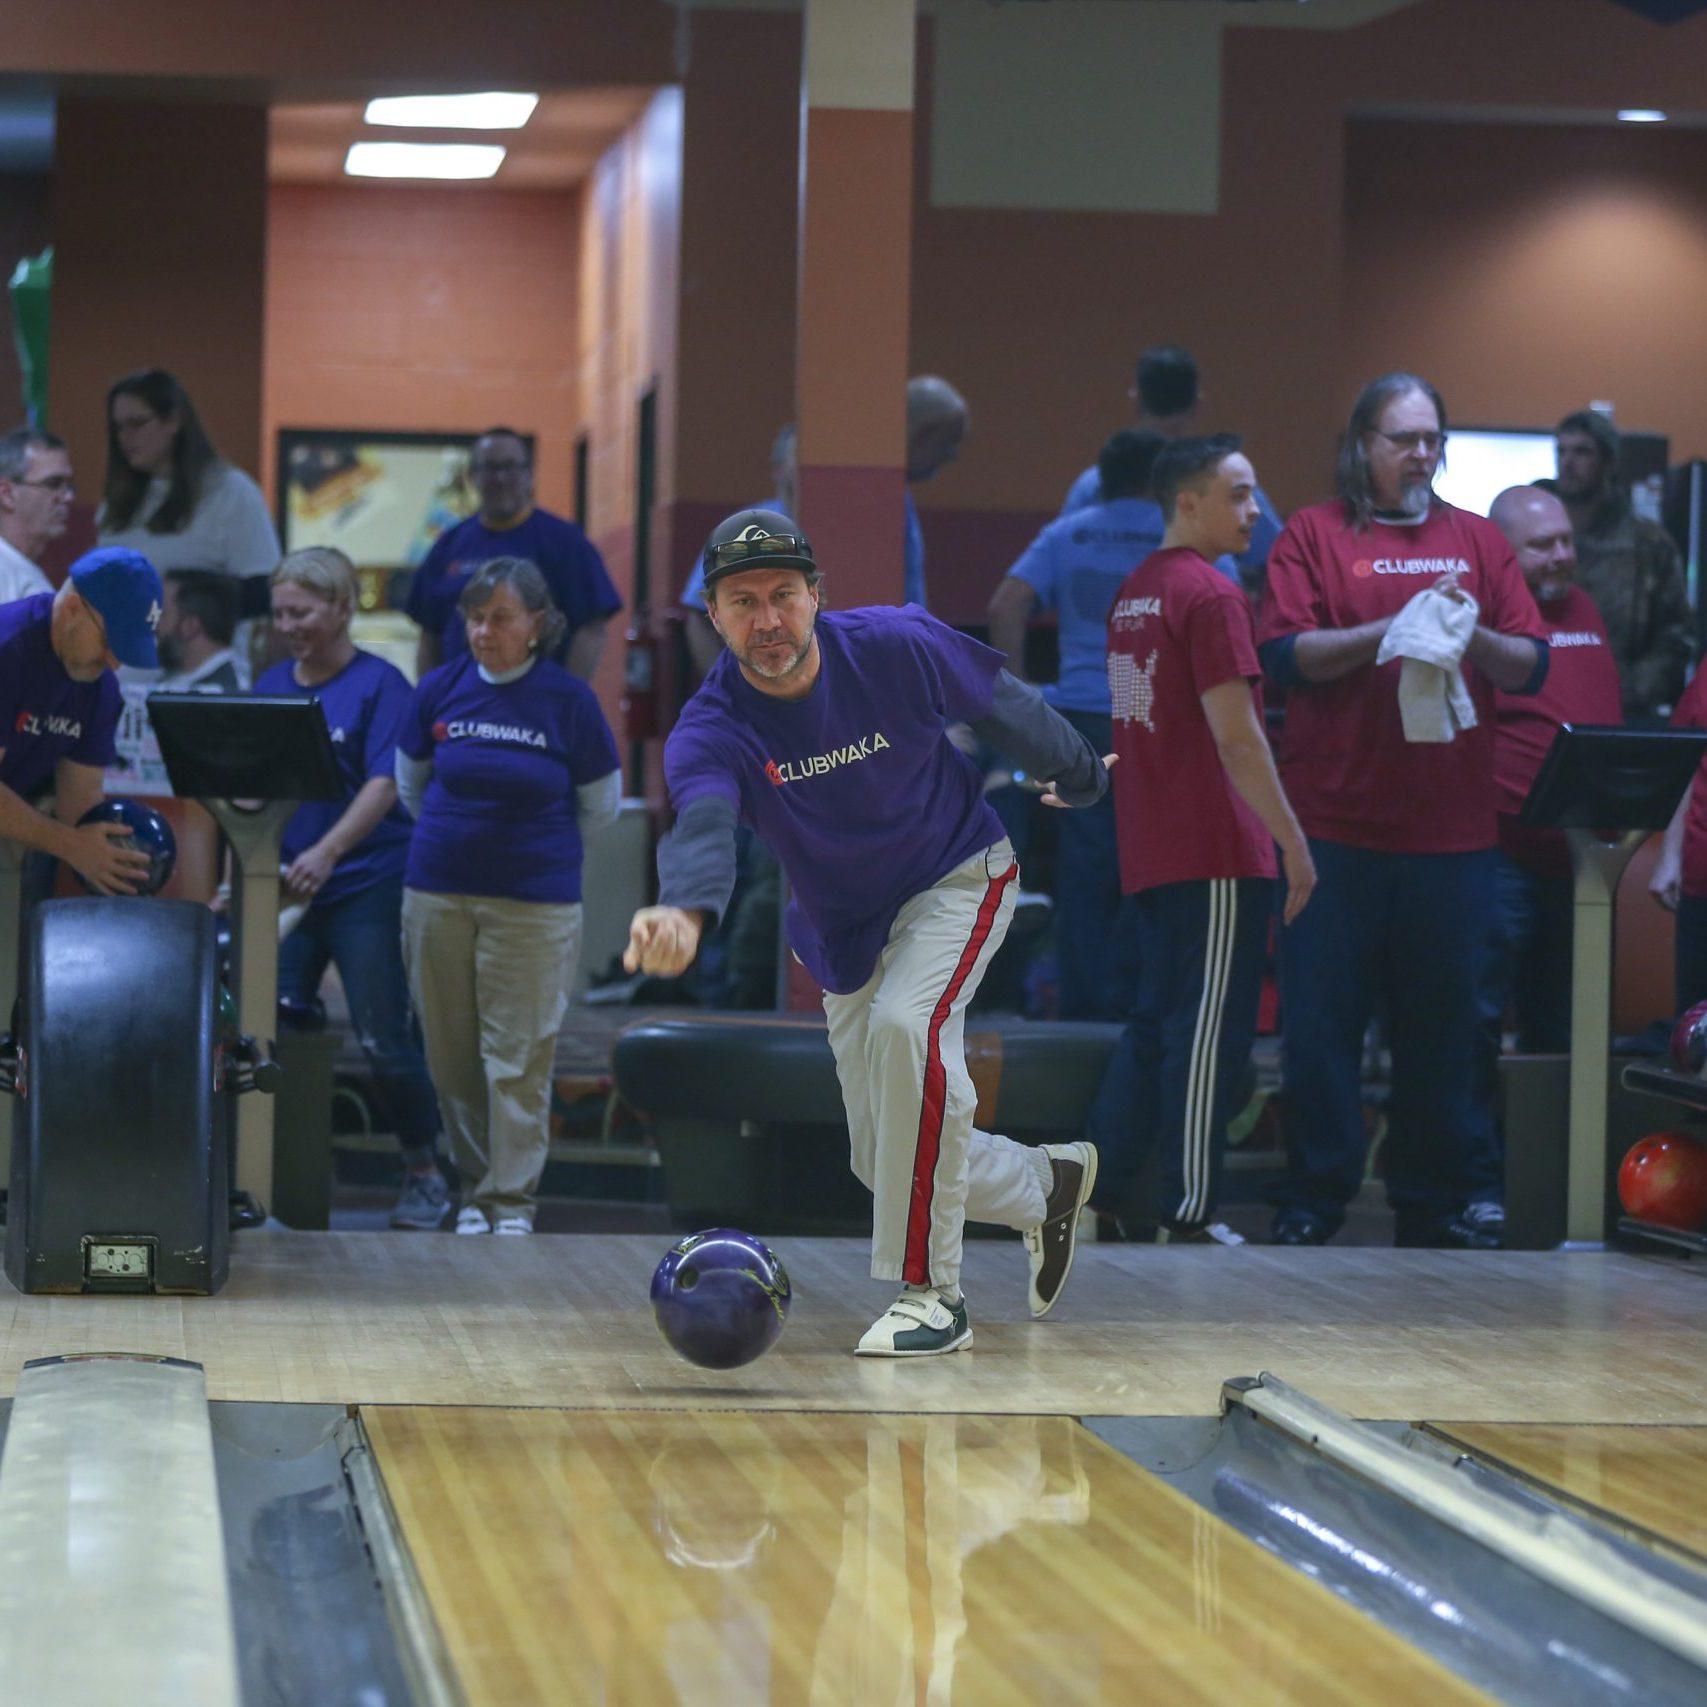 ClubWAKA Bowling 2019 - 110